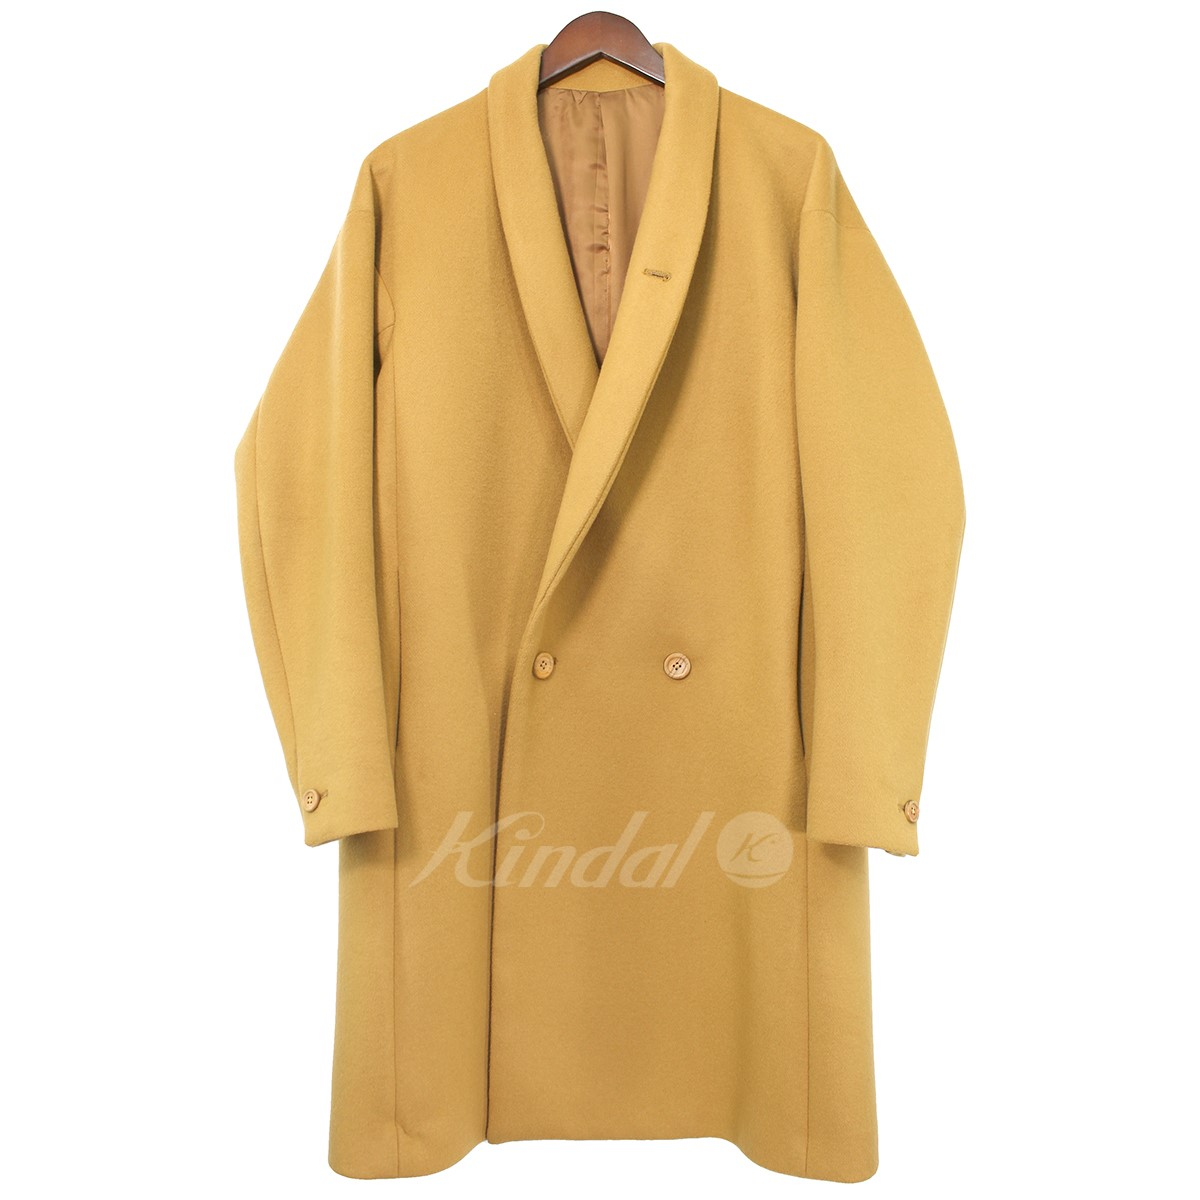 【中古】ETHOSENS ショールカラーコート キャメル サイズ:1 【送料無料】 【141018】(エトセンス)